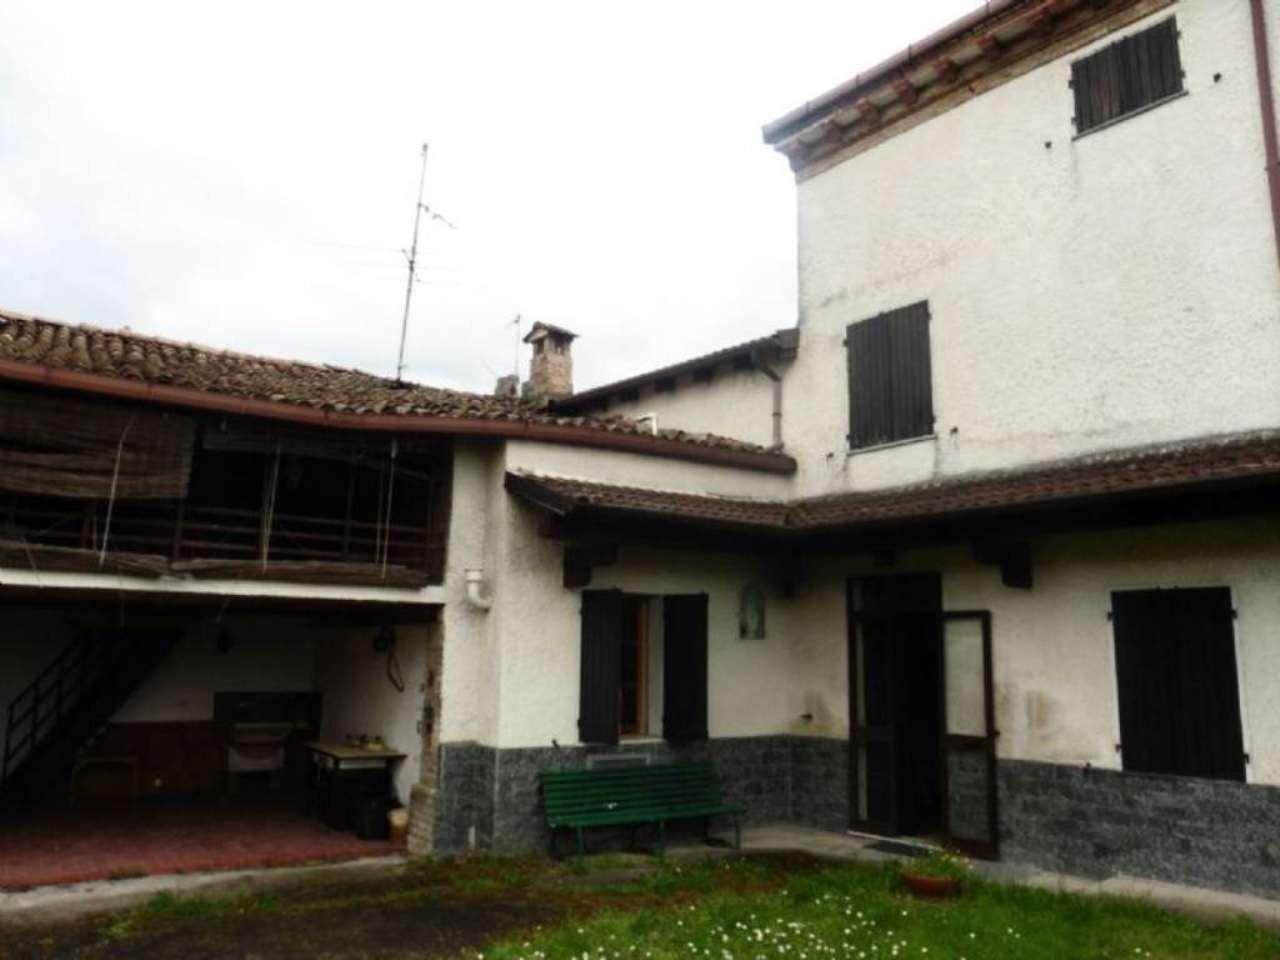 Rustico / Casale in vendita a Montemarzino, 9 locali, prezzo € 60.000 | CambioCasa.it